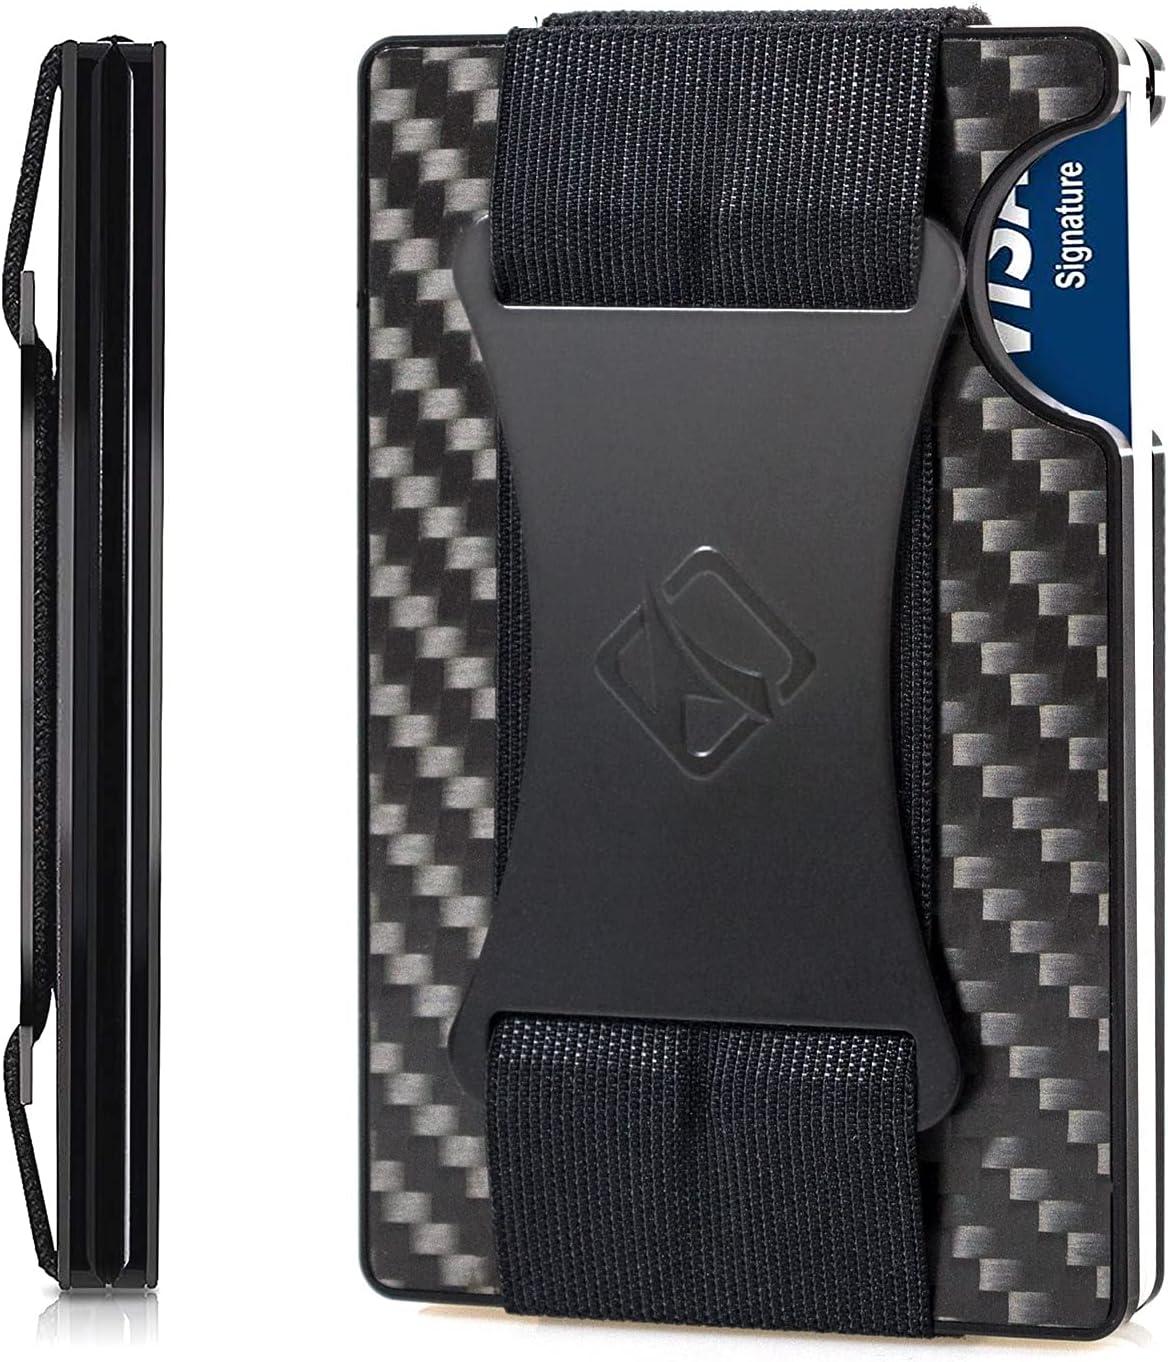 Minimalist Carbon Fiber Wallet, TUXON Metal Wallet with Cash Strap, RFID Blocking Credit Card Holder, Slim Front Pocket Wallet for Men